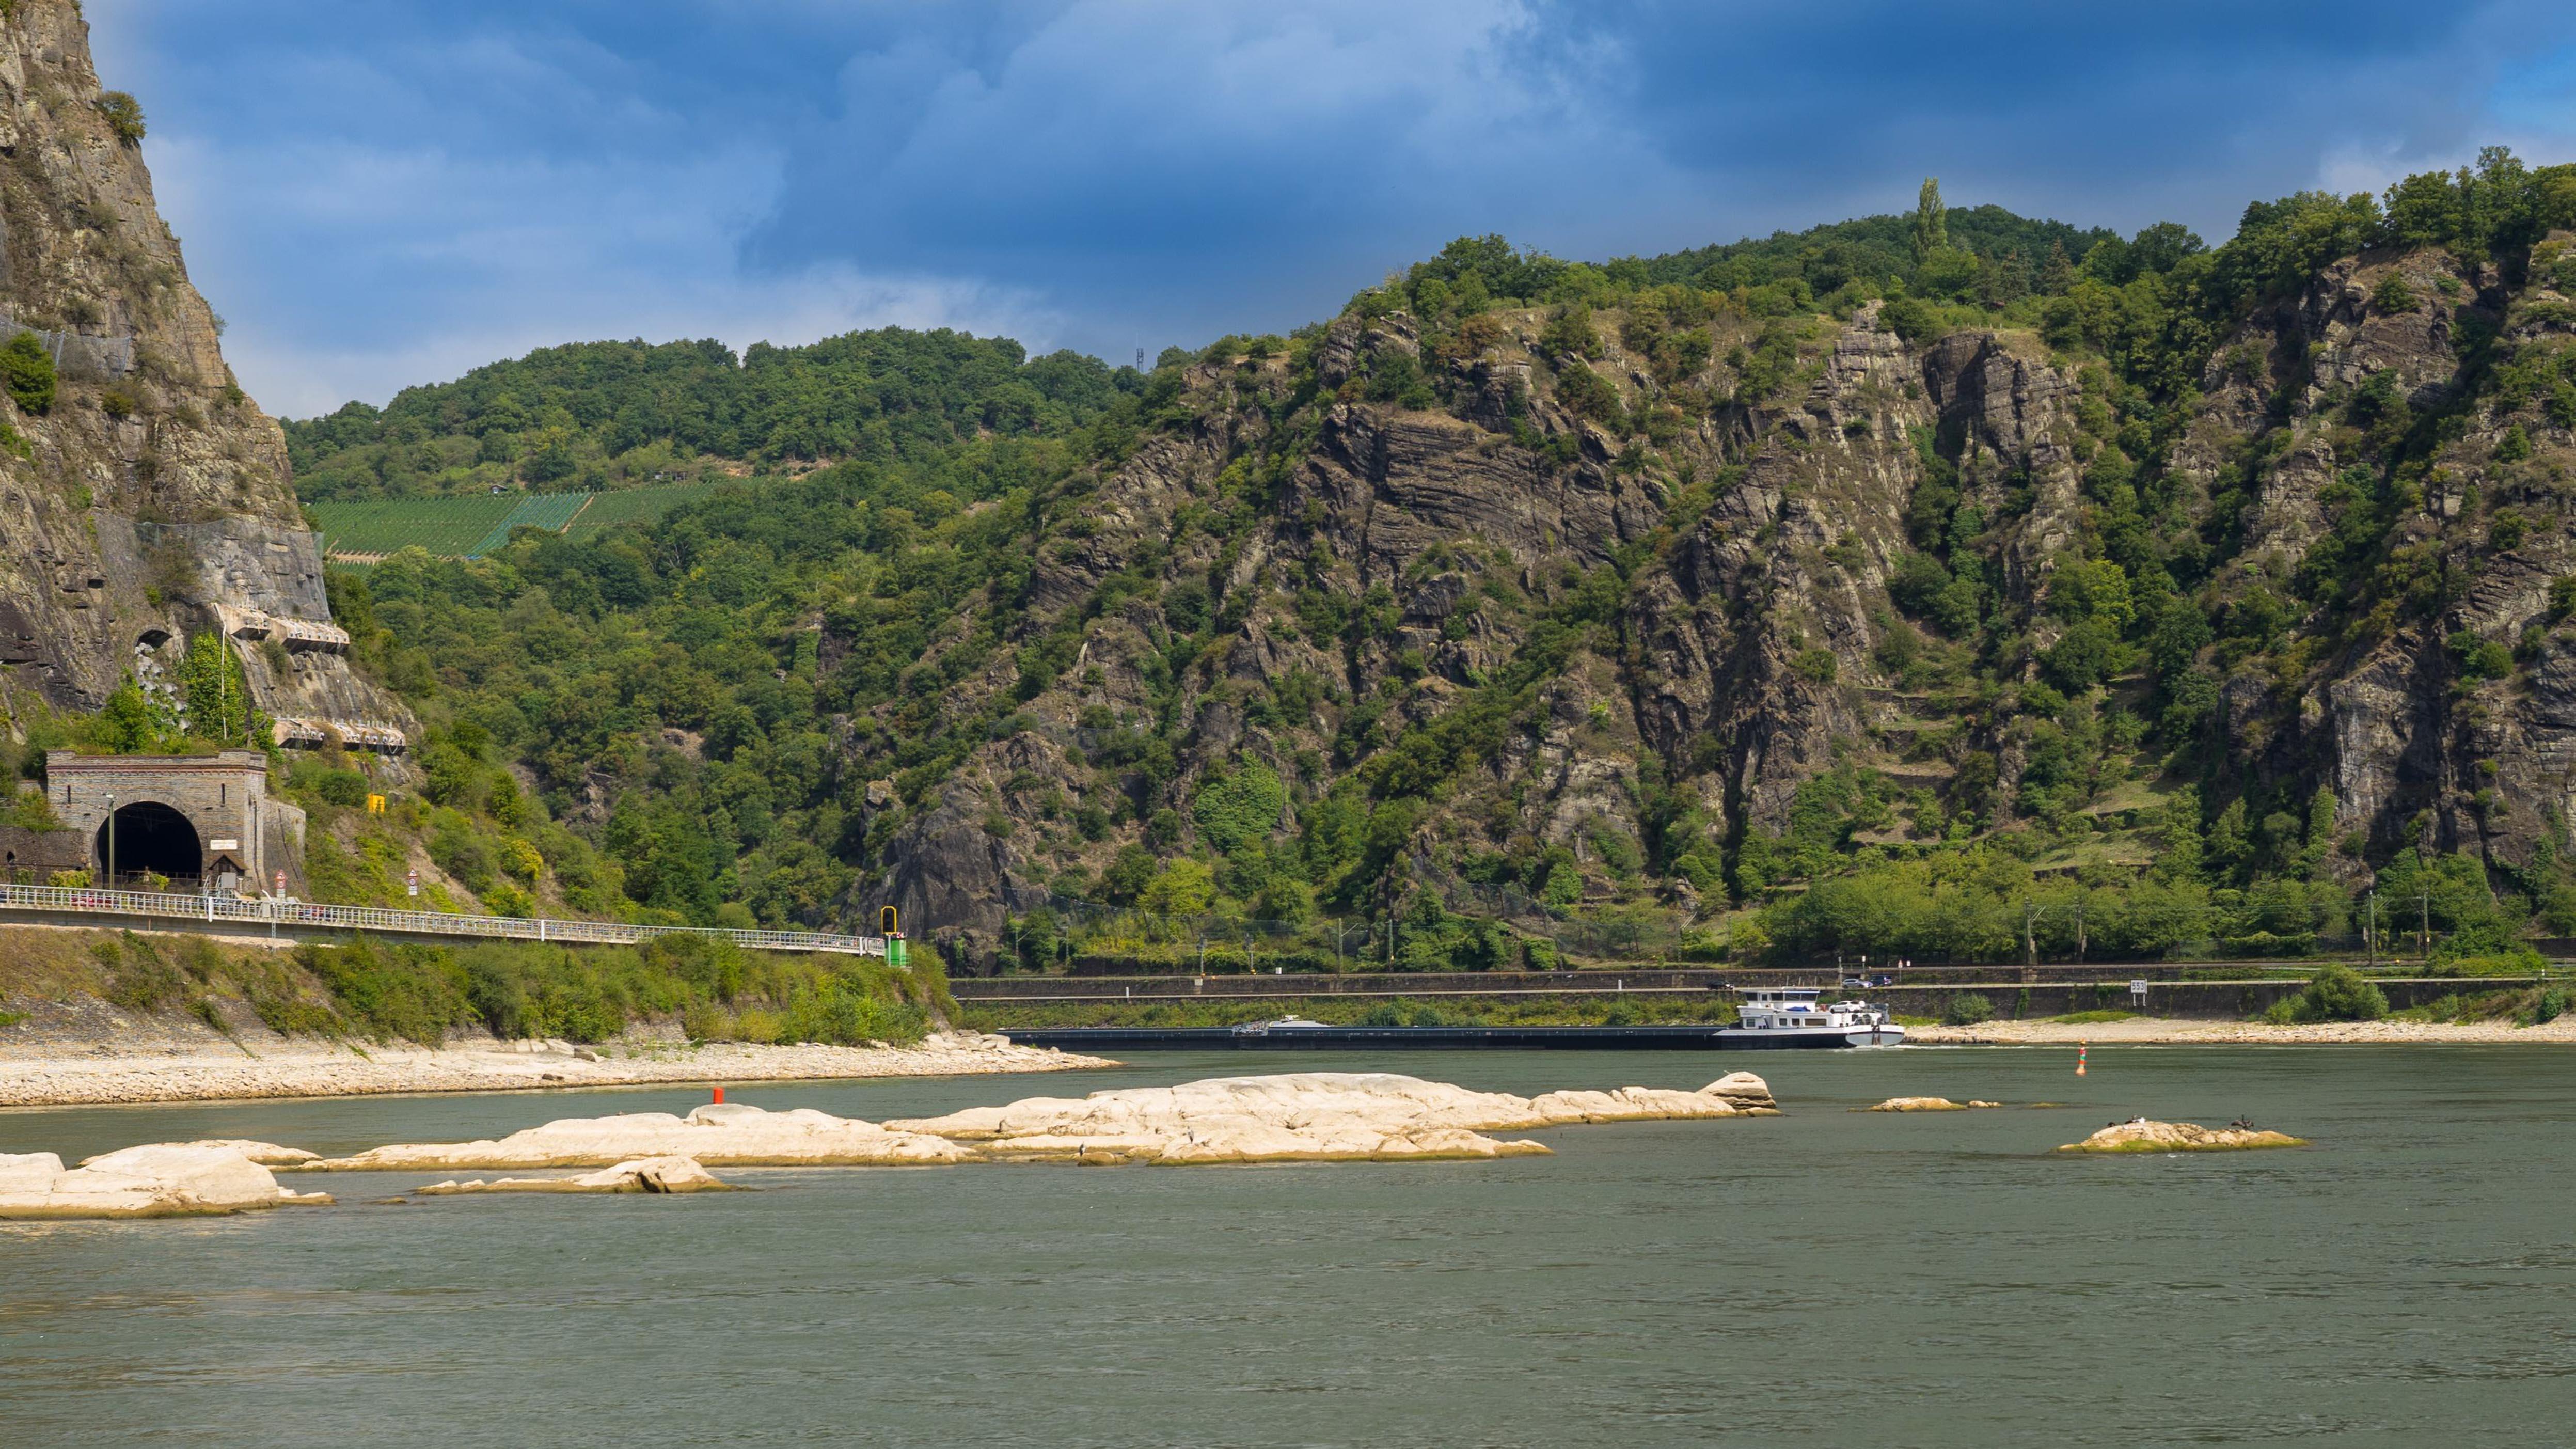 Am Rhein zwischen Bingen und Koblenz, Loreley